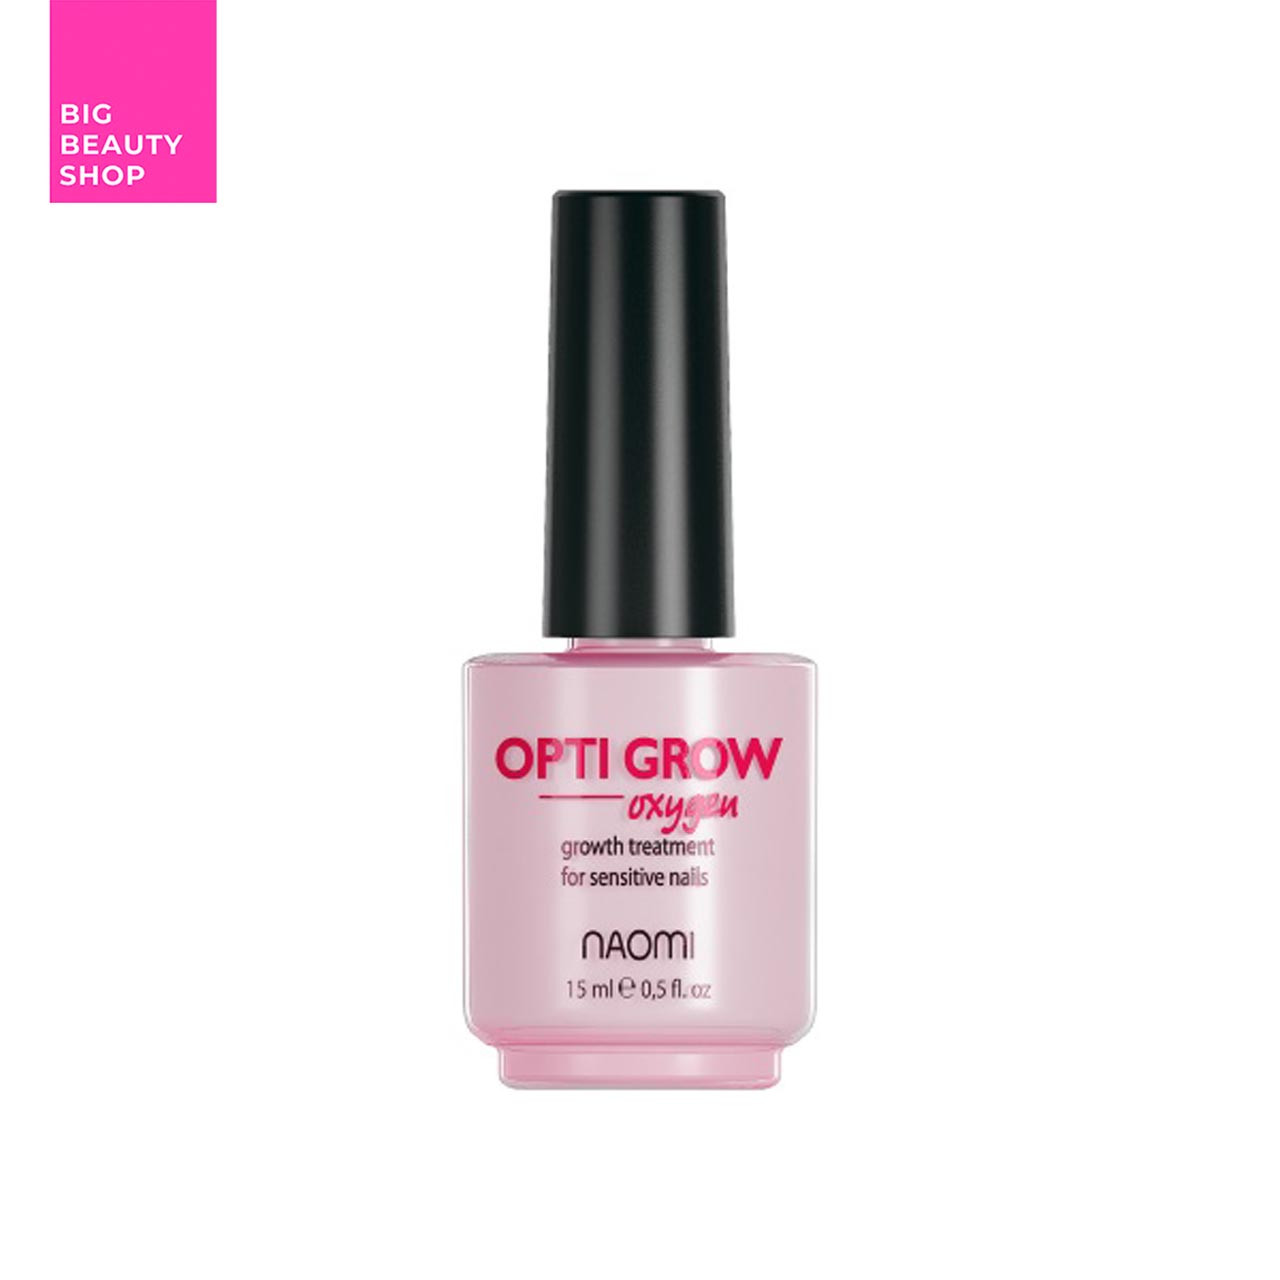 Средство для улучшения роста ногтей Naomi Opti Grow Oxygen 15 мл